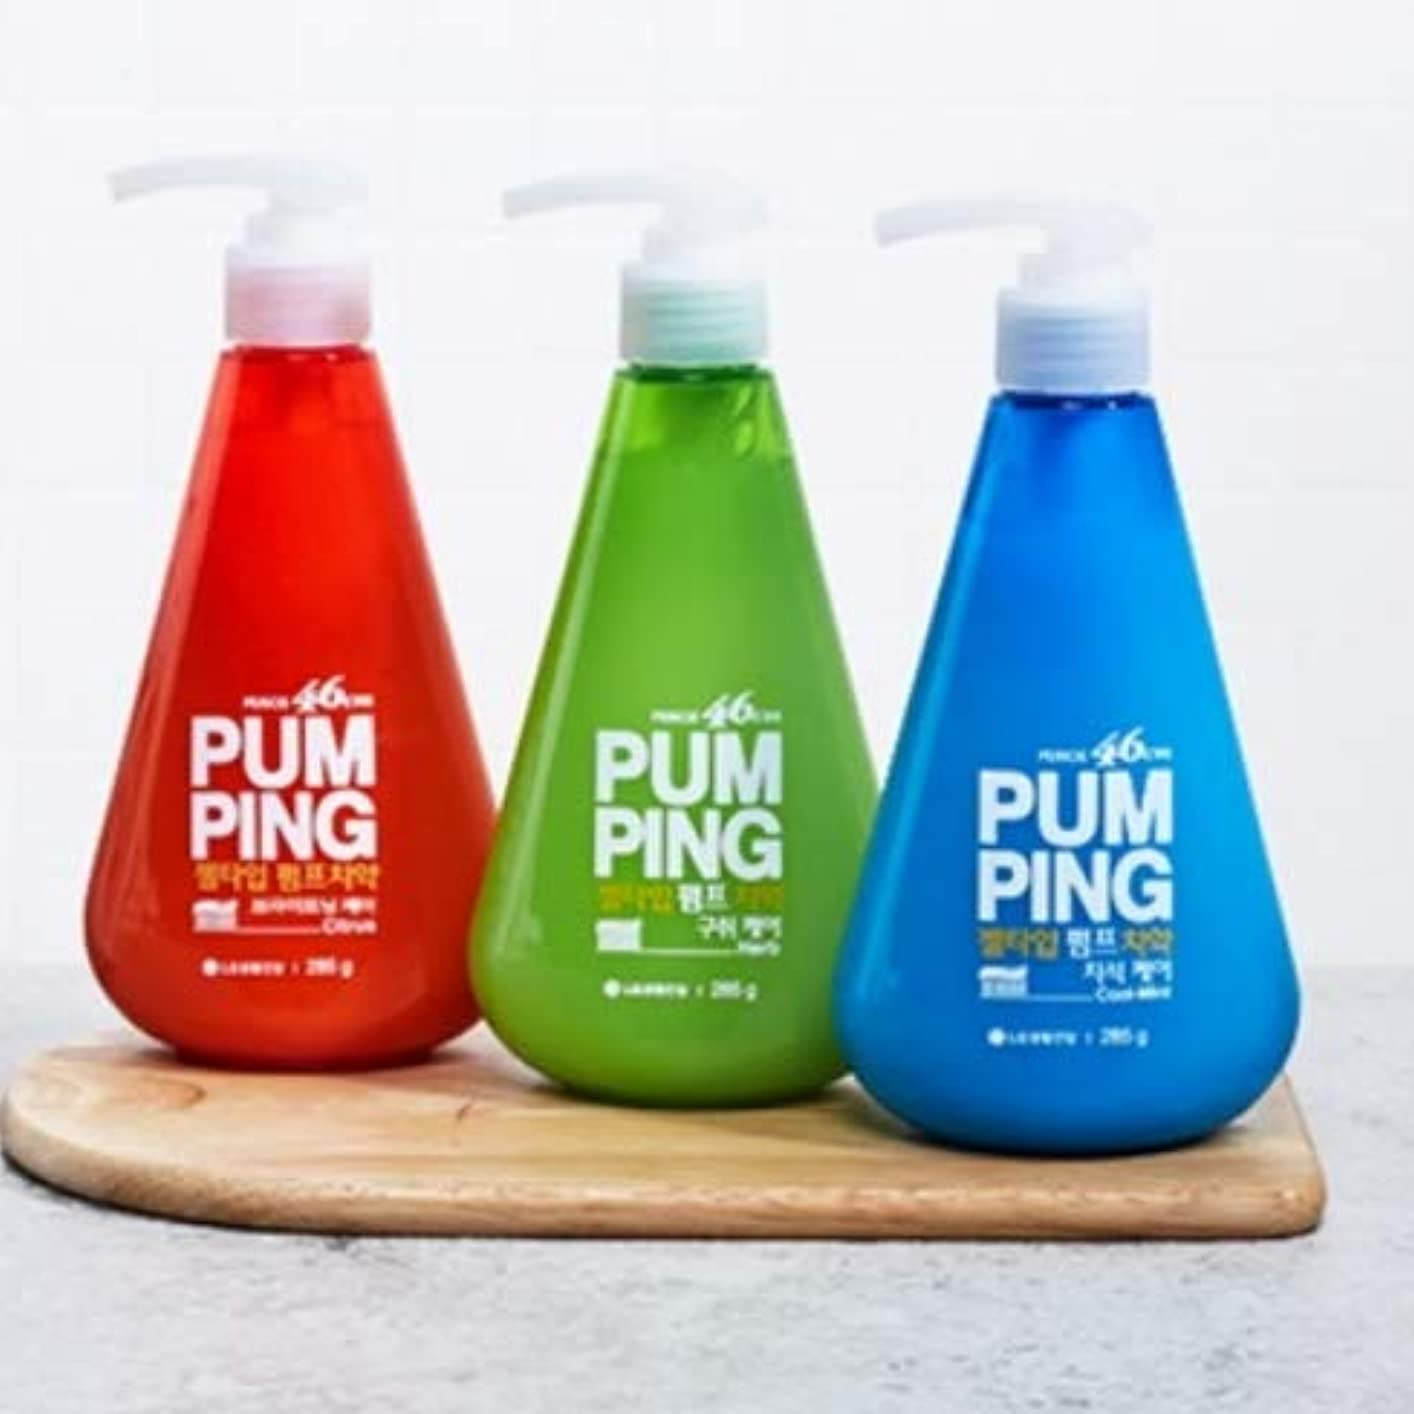 不倫調子キャラバン[LG HnB] Perio 46cm pumped toothpaste /ペリオ46cmポンピング歯磨き粉 285gx3個(海外直送品)